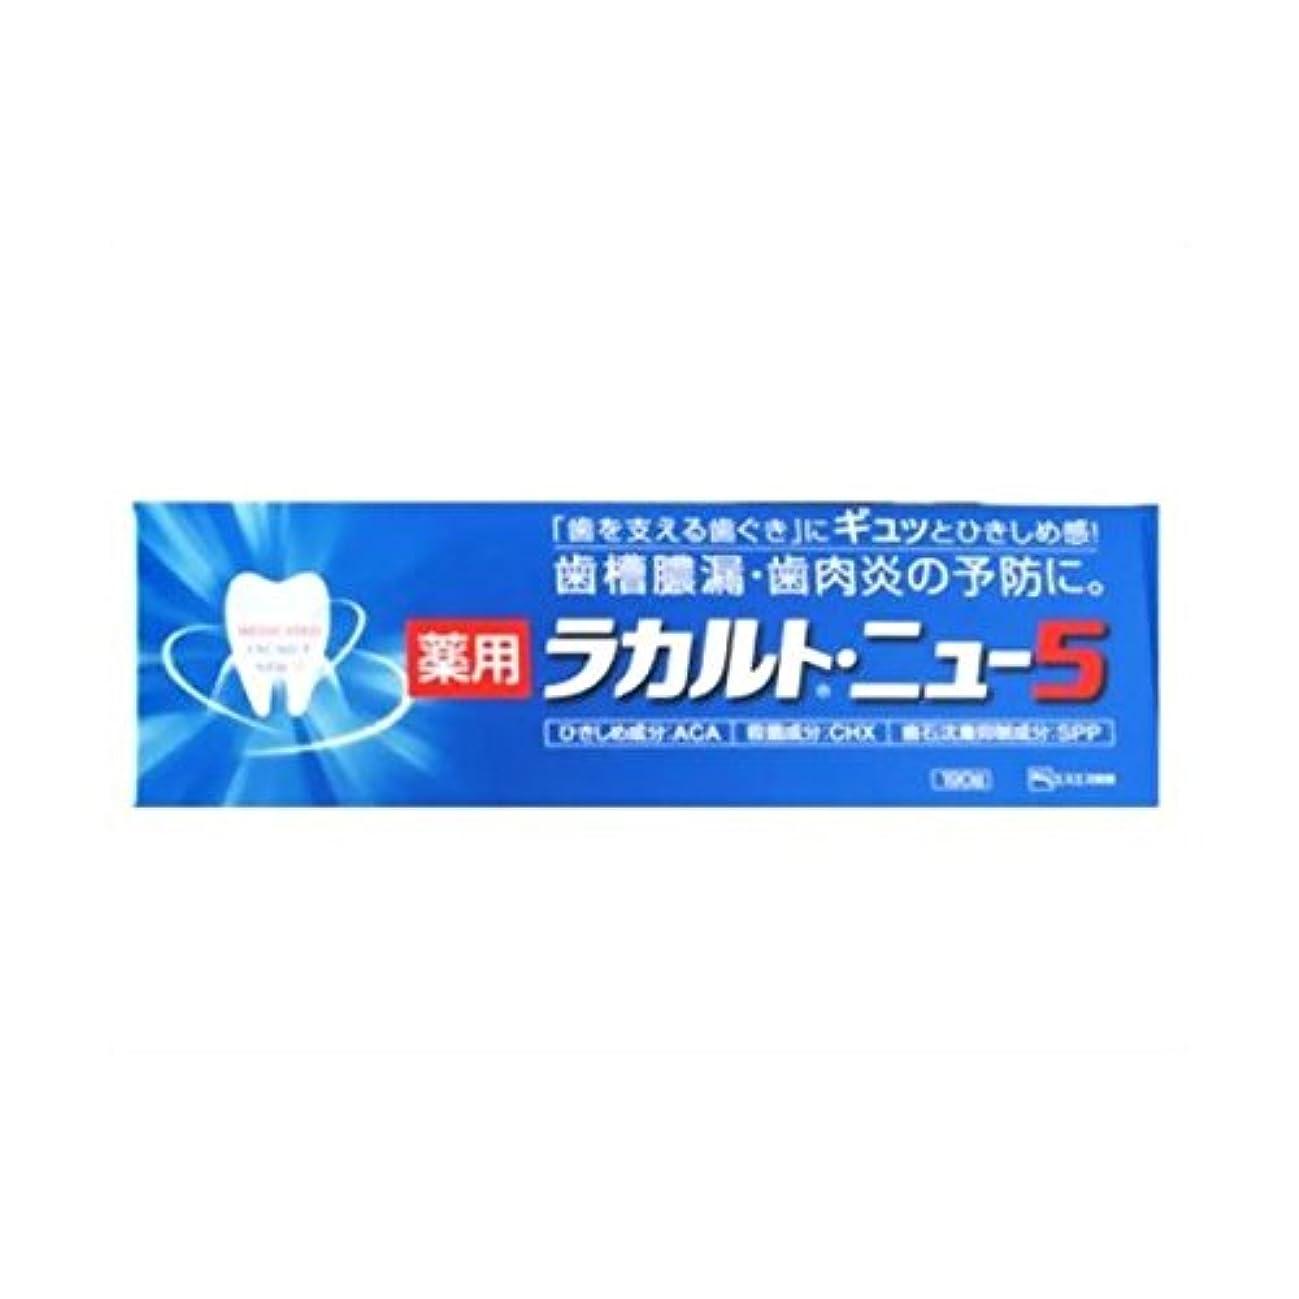 発行するファンシー前書き【お徳用 3 セット】 薬用ラカルトニュー5 190g×3セット